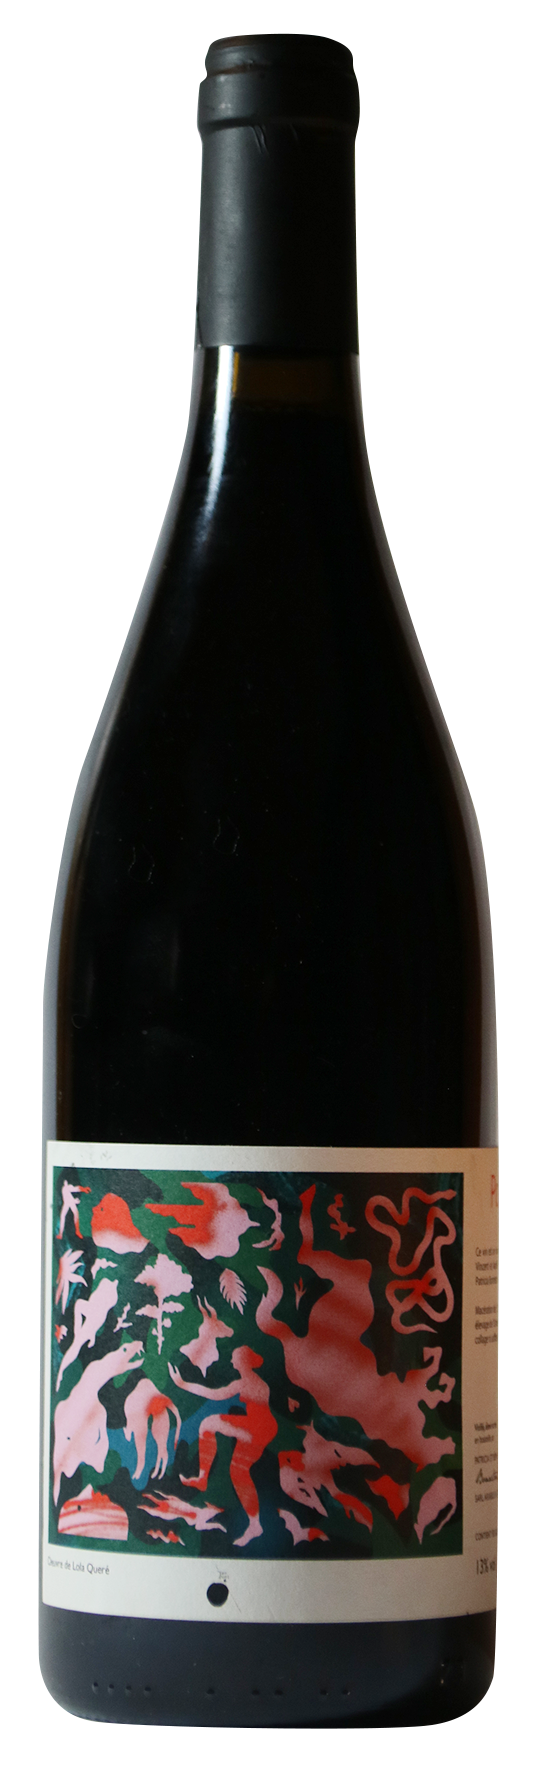 Bouteille de vin rouge naturel, cuvée Potion 2019, producteurs Patricia et Rémi Bonneton